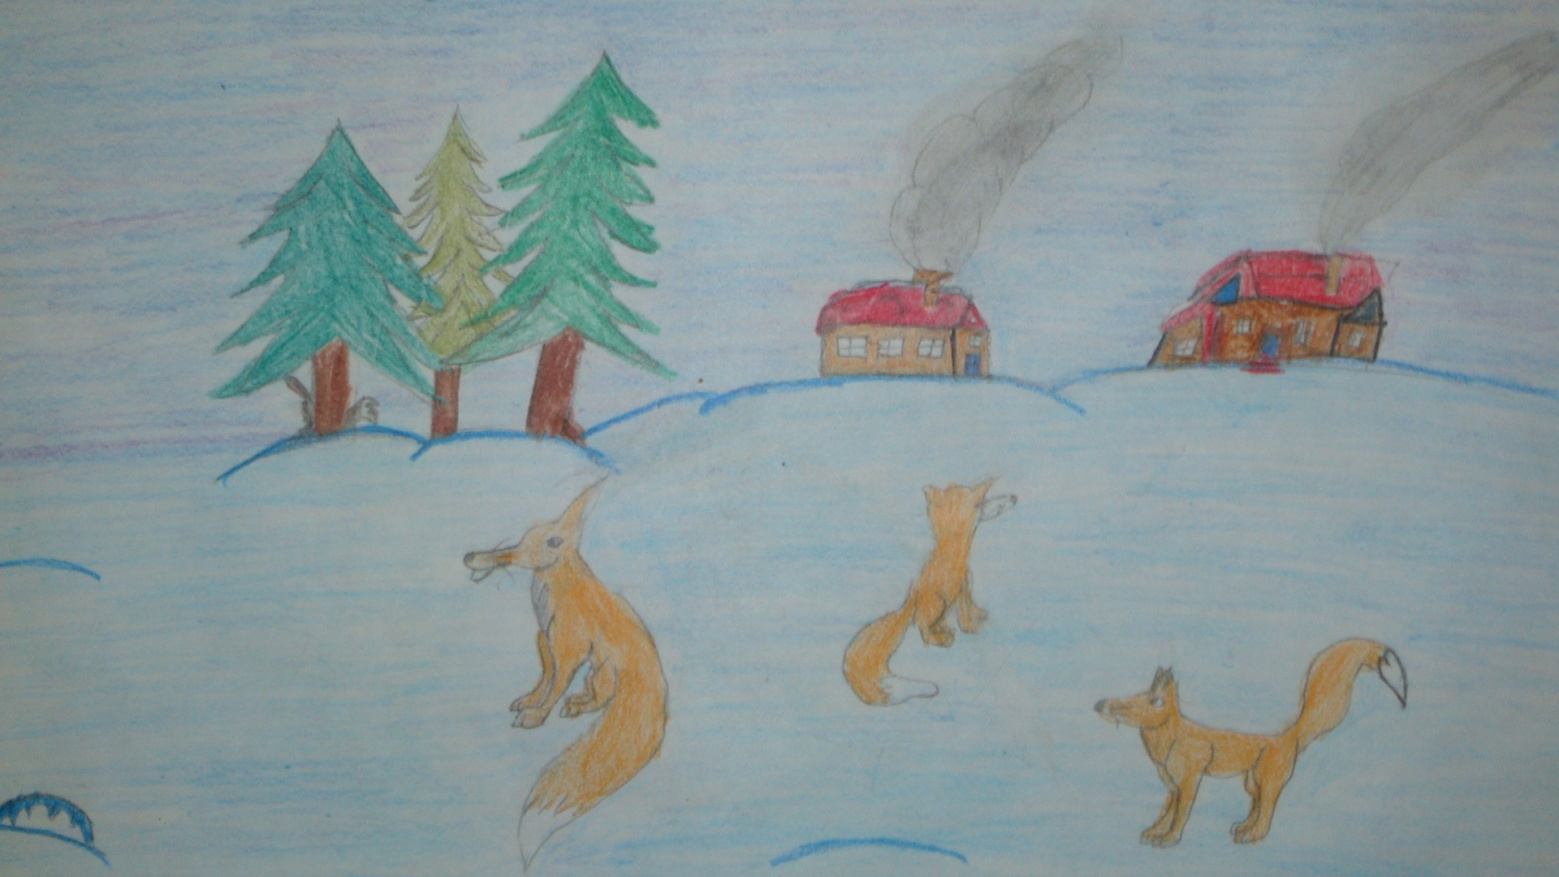 C:\Users\Пользователь\Desktop\Проект Сезонные измен.зимой\Выставка рисунков 2012\v 339.jpg